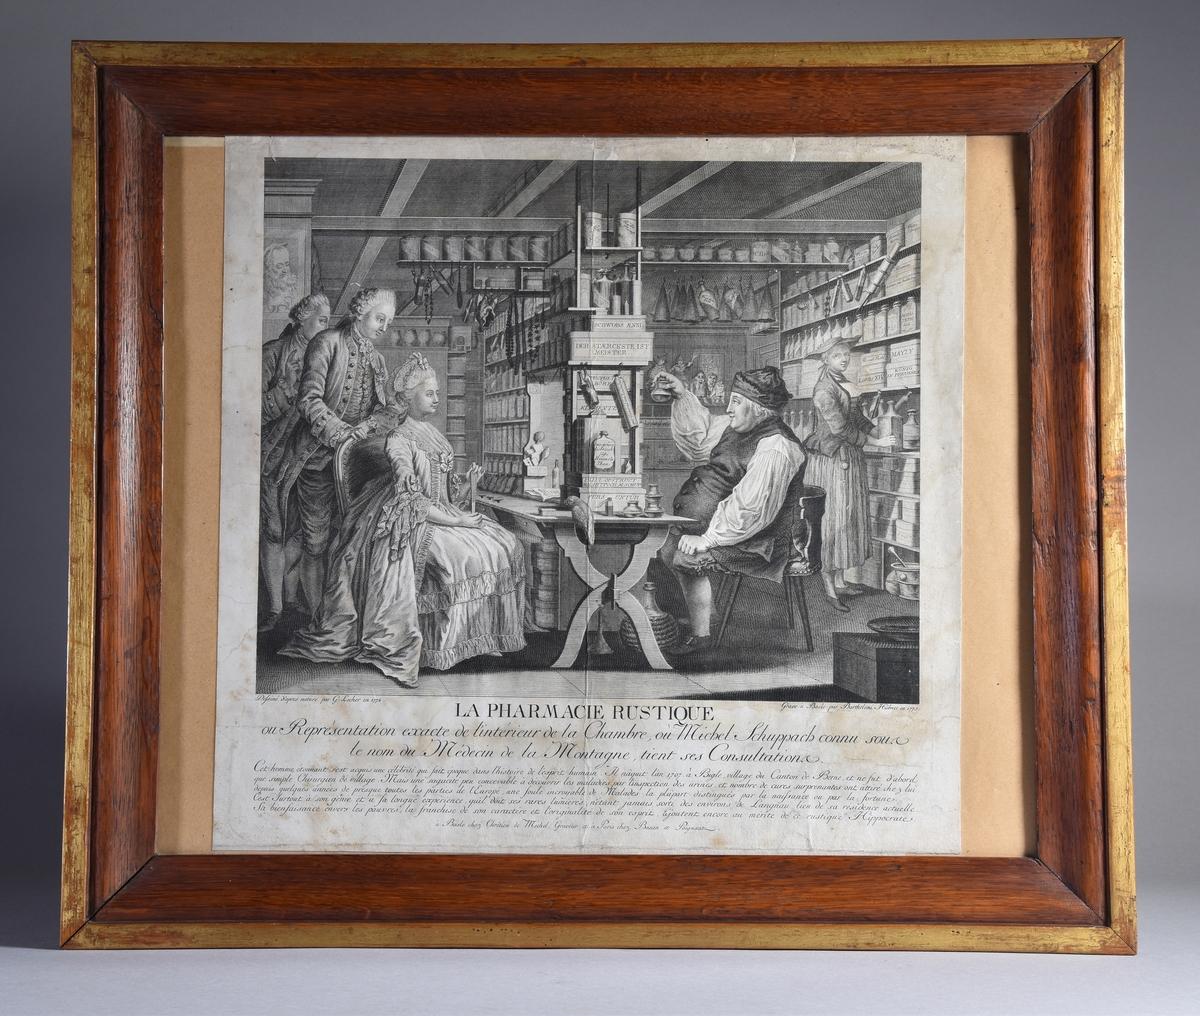 Interiörbild från apotek med apotekare, medhjälpare, kvinnlig kund och två medföljande män. Detaljerad skildring av inredning och redskap.